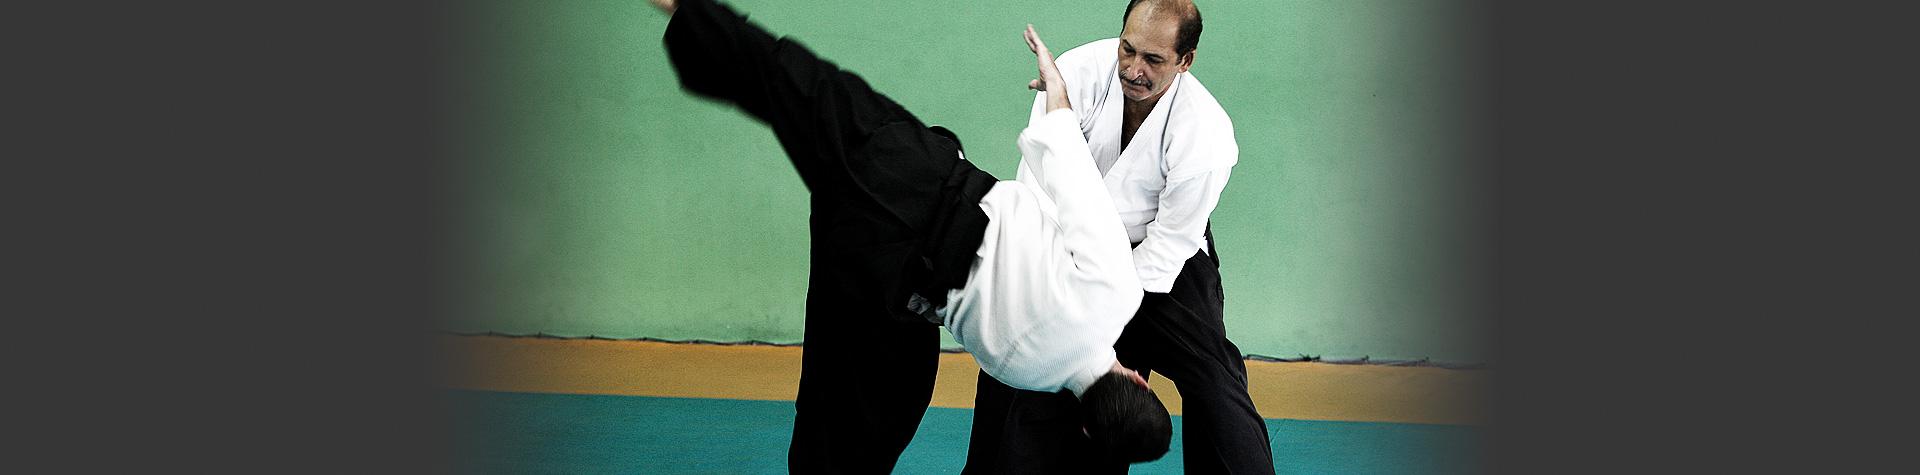 (c) Albertoaikidorj.com.br